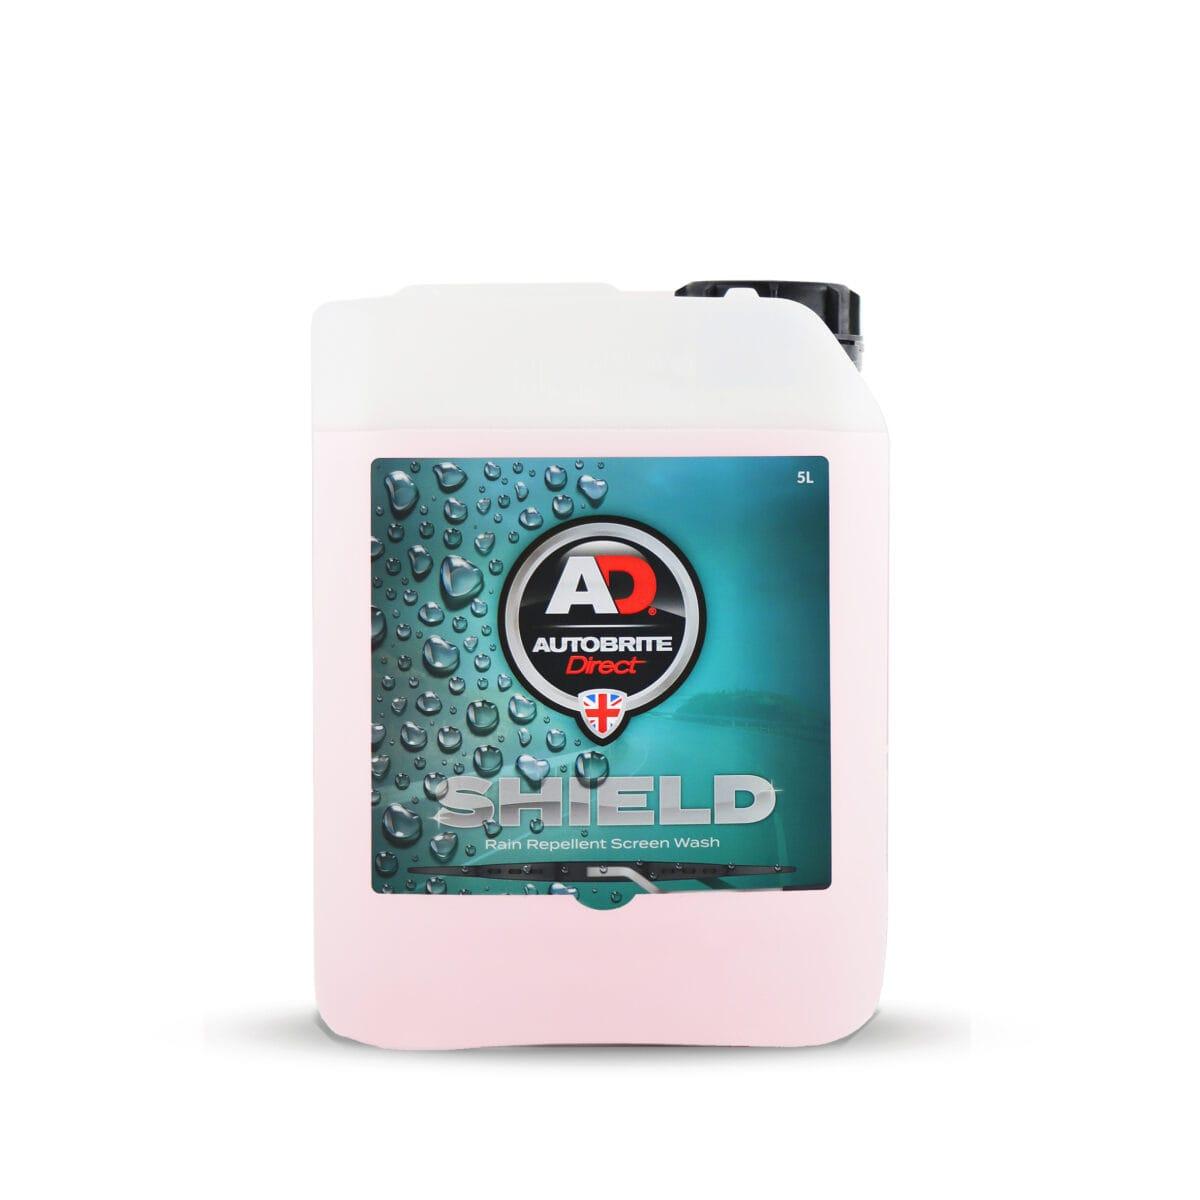 Shield screenwash